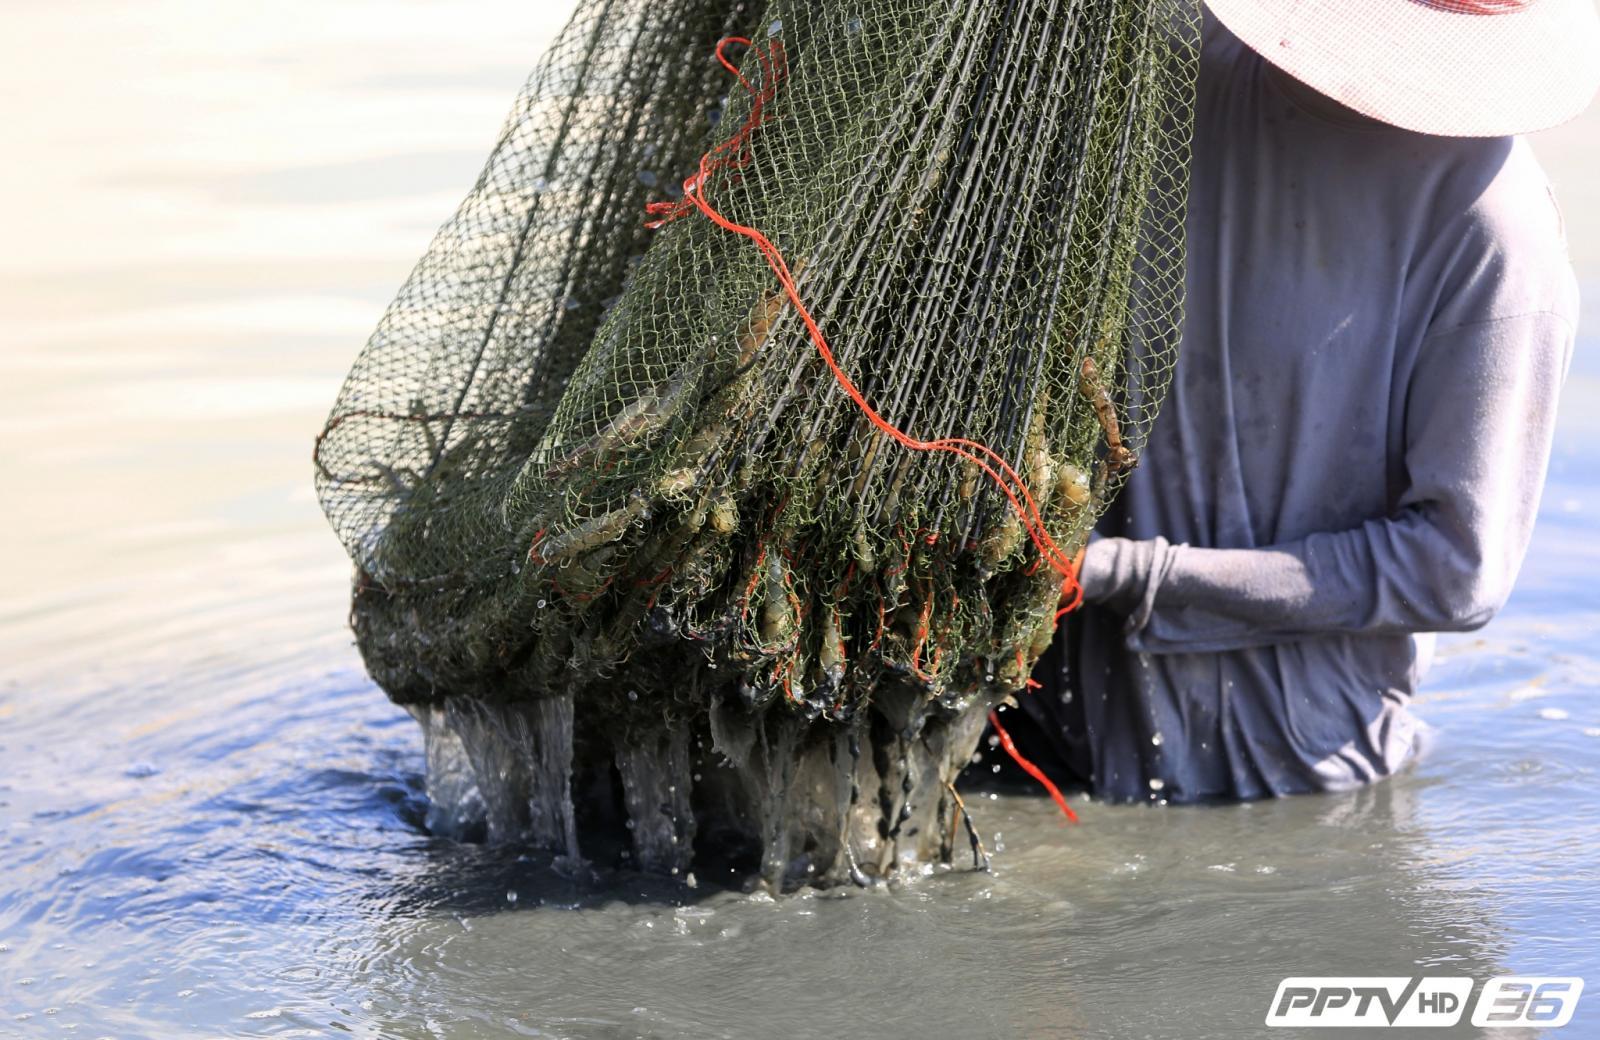 ผู้เลี้ยงกุ้งสมุทรสาคร ร้องเรียนสารพิษโรงงานทำกุ้งตายยกบ่อ (คลิป)